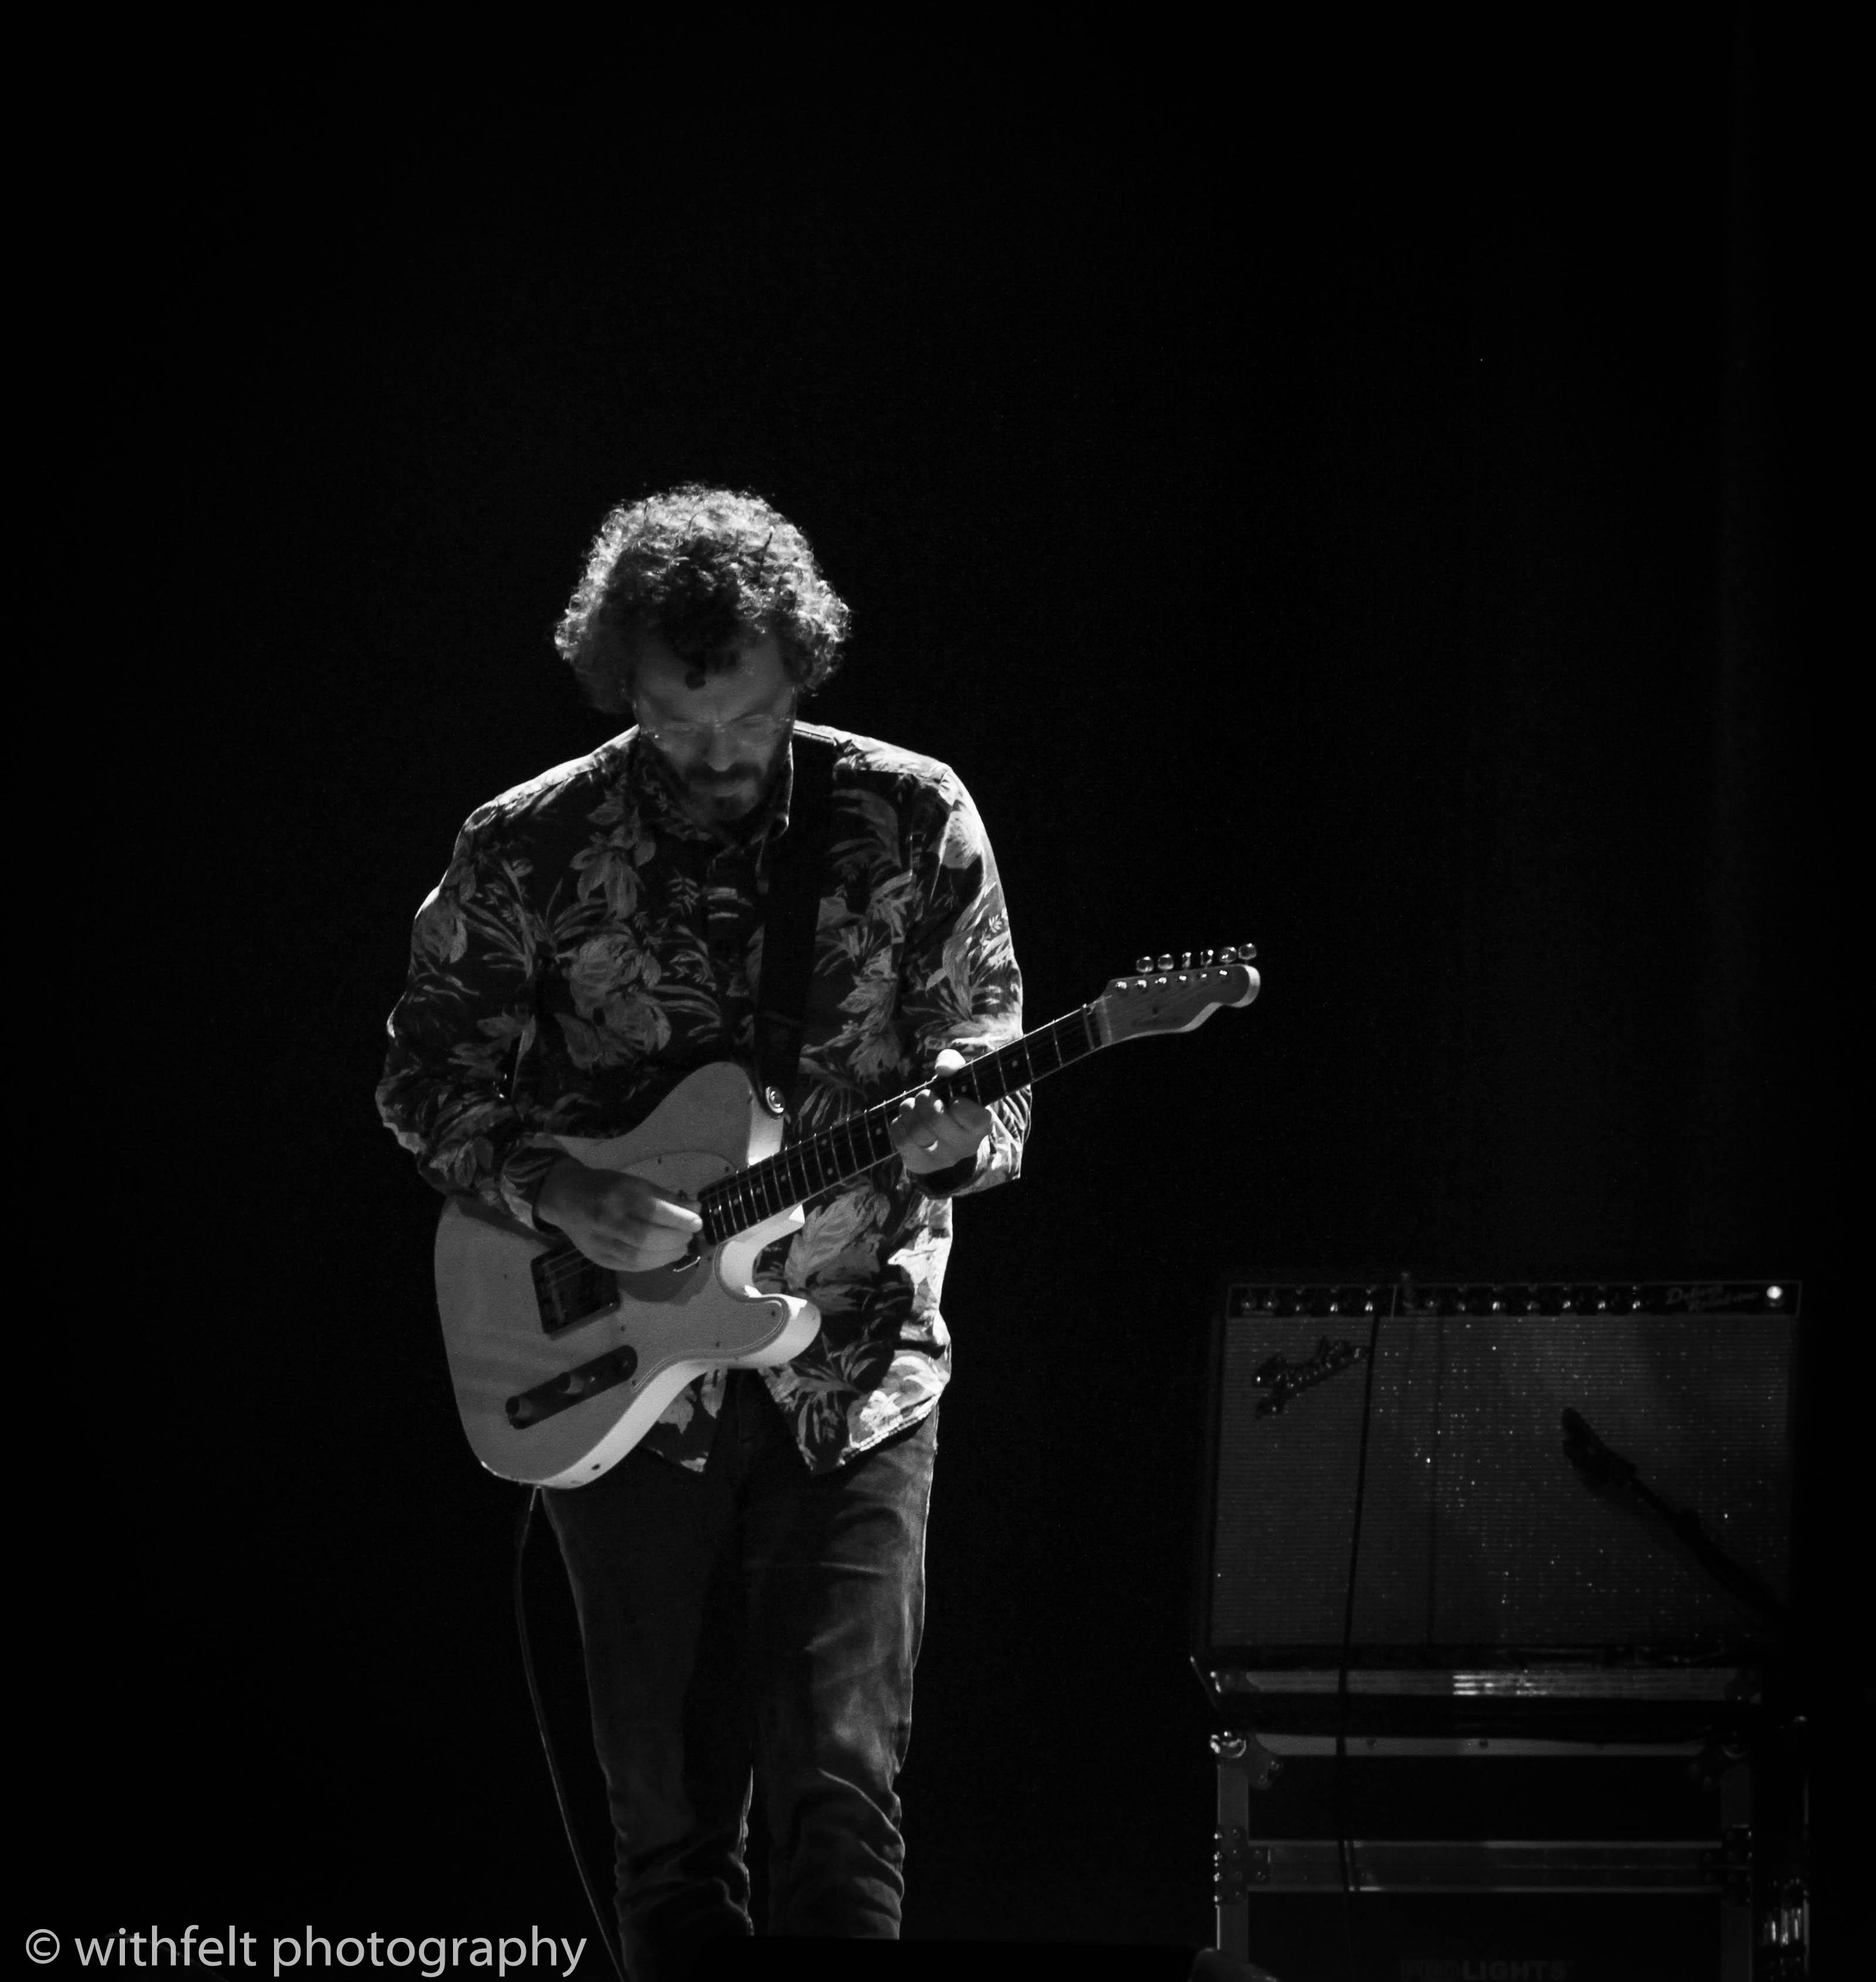 Jakob Bro at Copenhagen Jazz Festival 2018